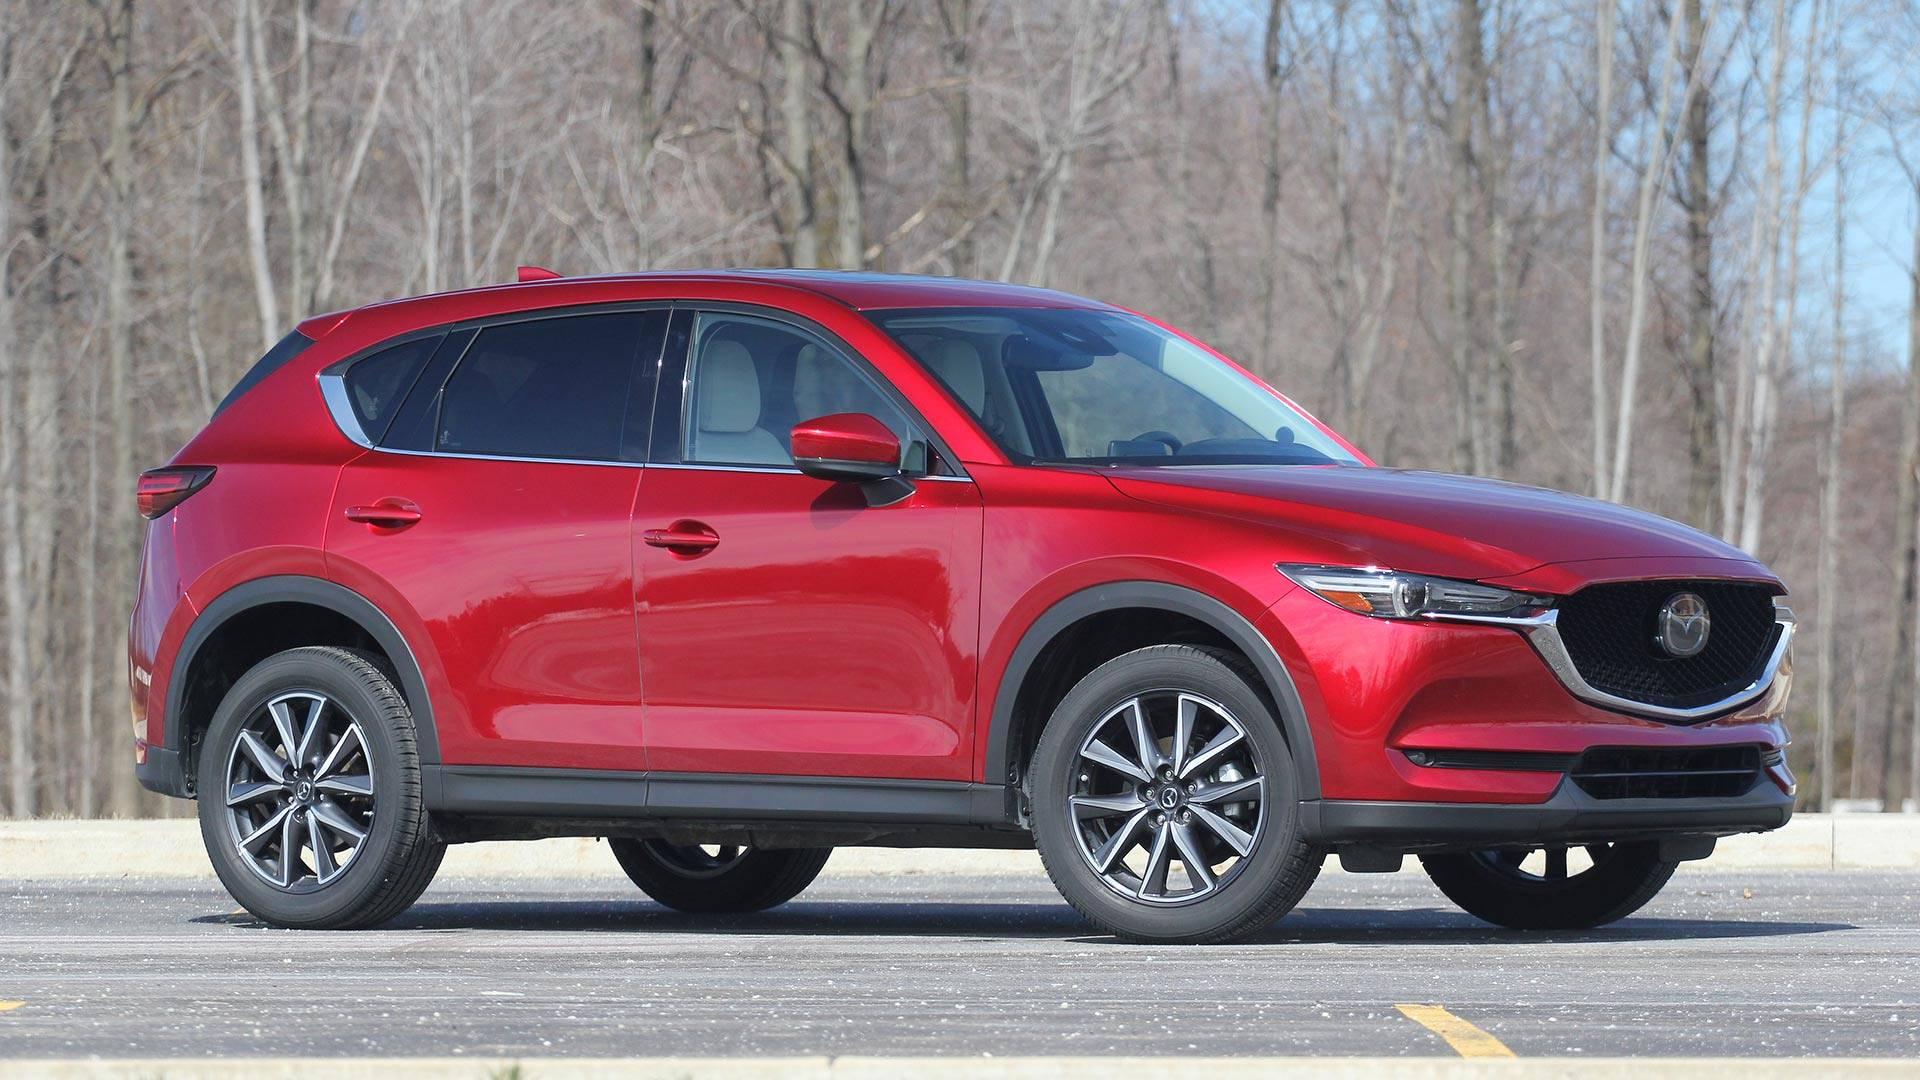 Nhiều dòng Mazda mới bị triệu hồi vì lỗi phần mềm điều khiển động cơ - Ảnh 1